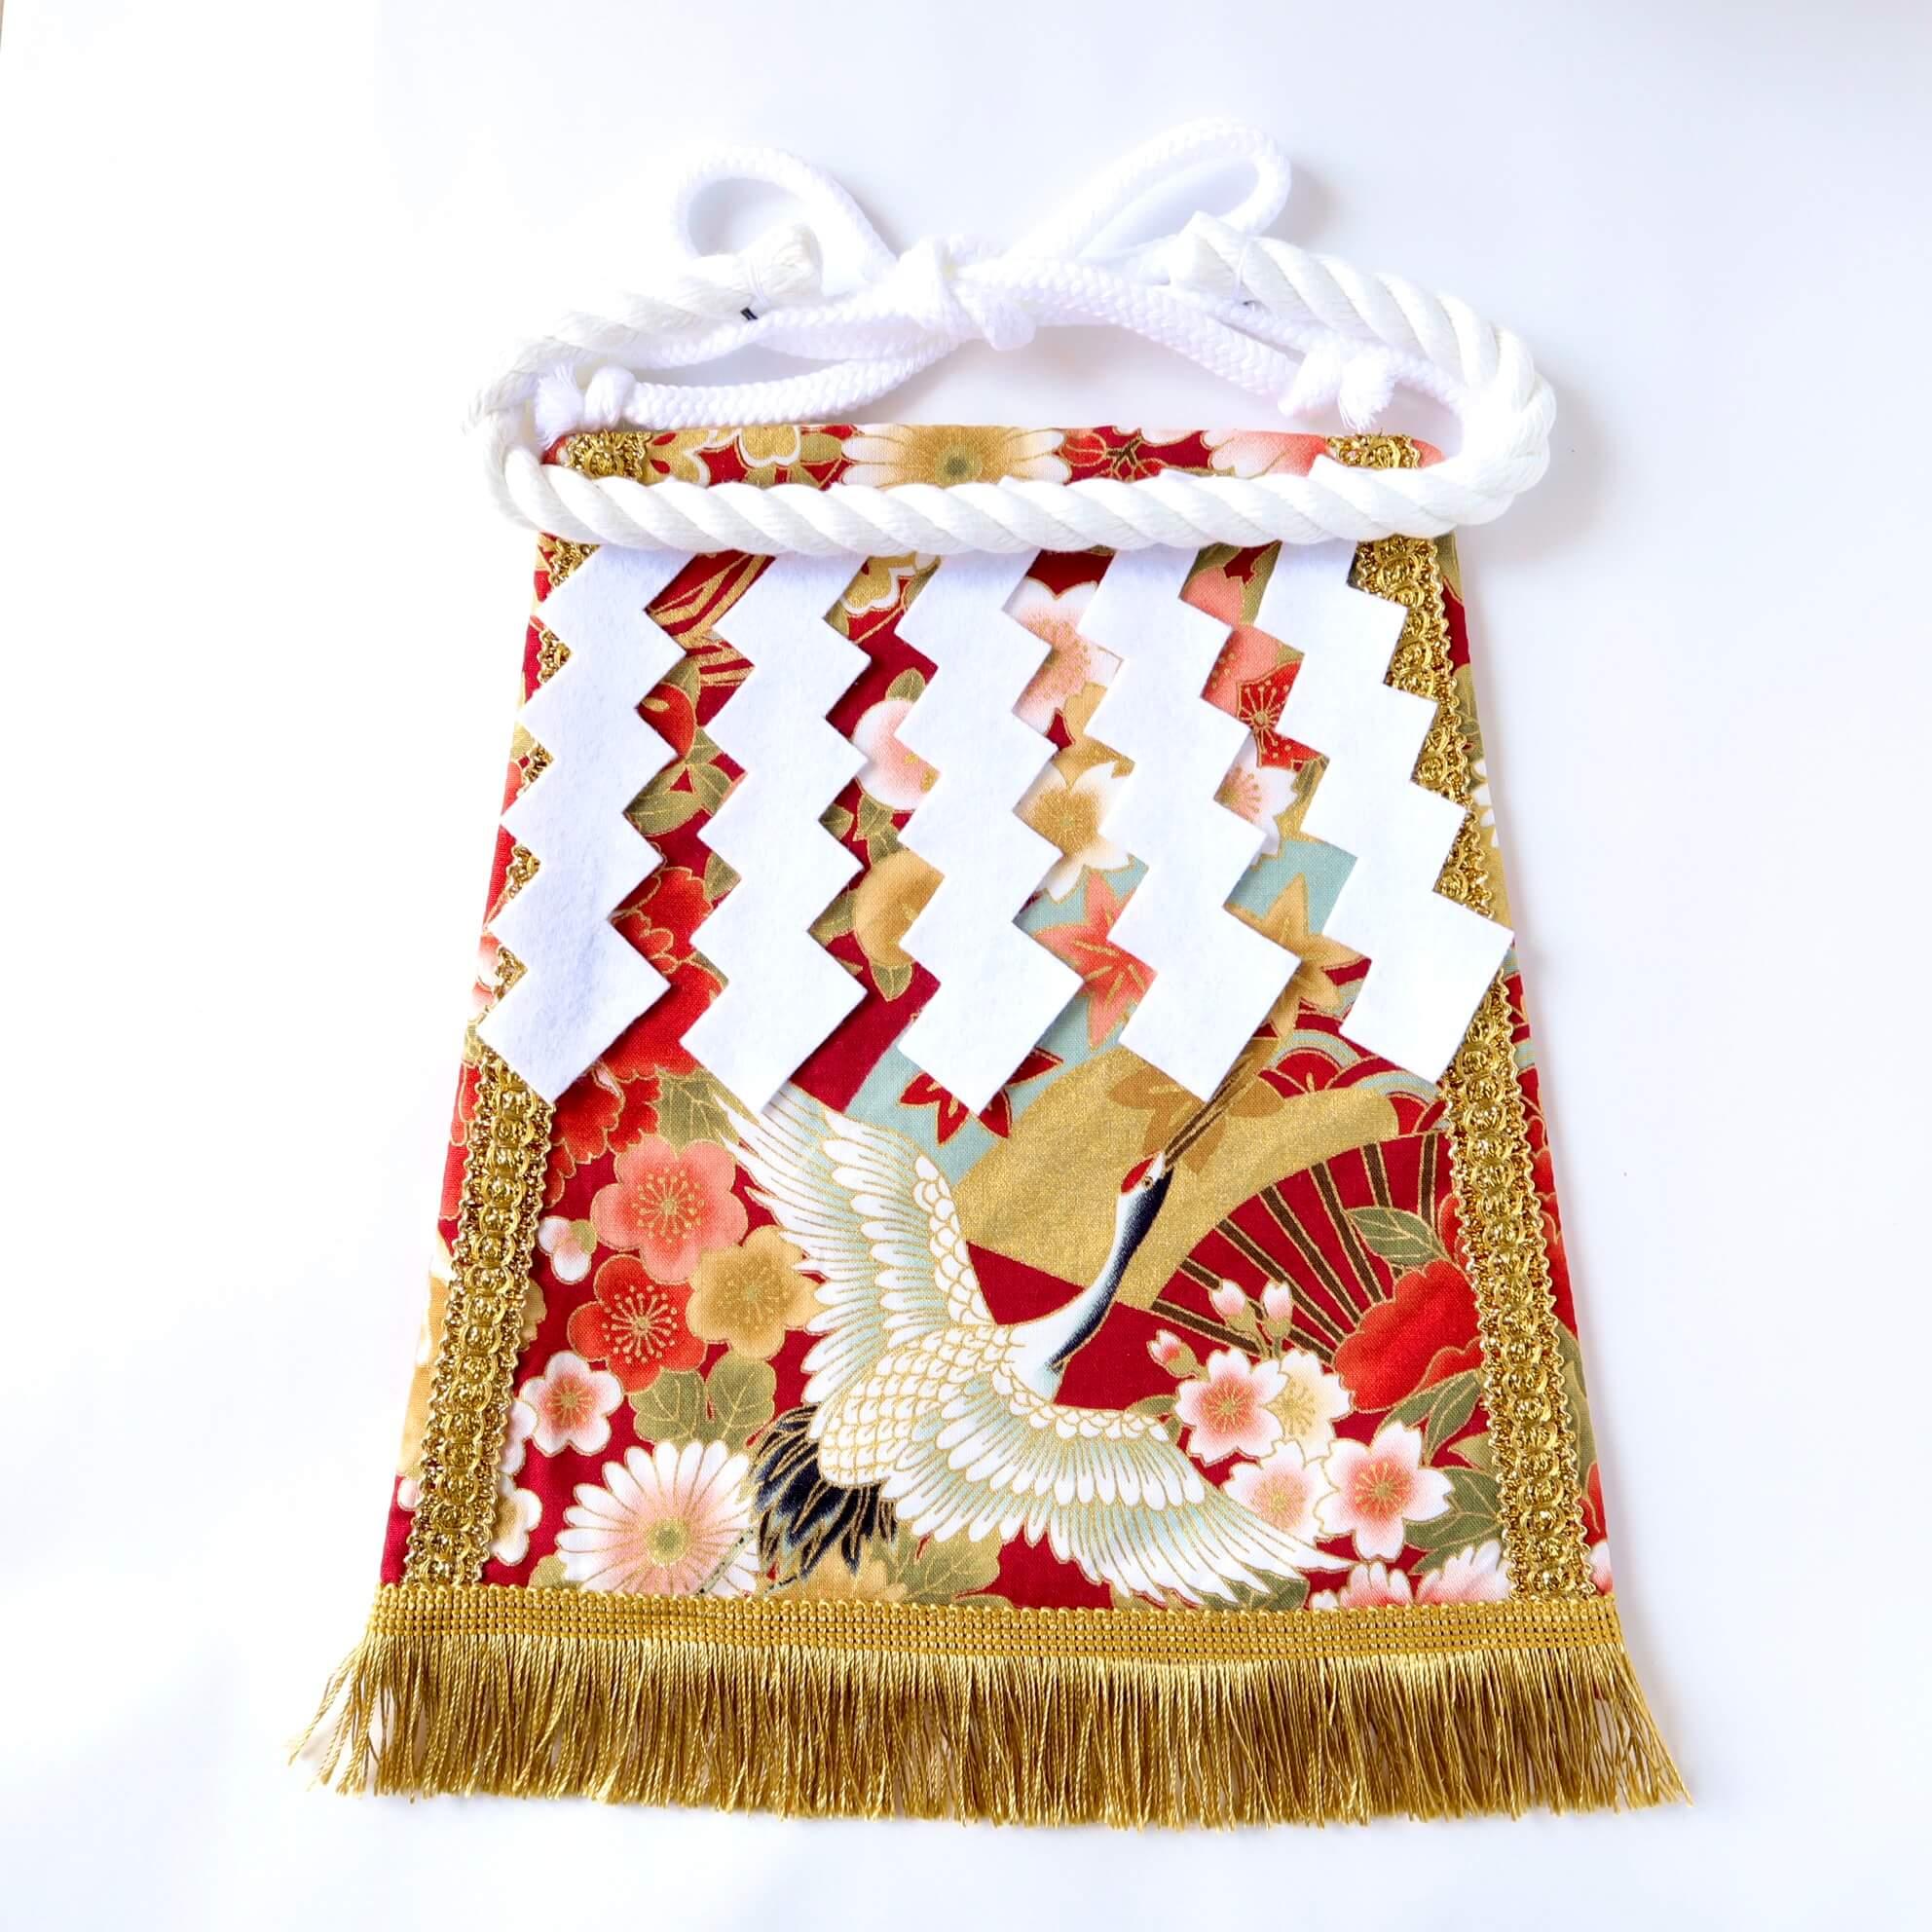 ワンちゃん化粧まわし・雅な花と扇と鶴・赤